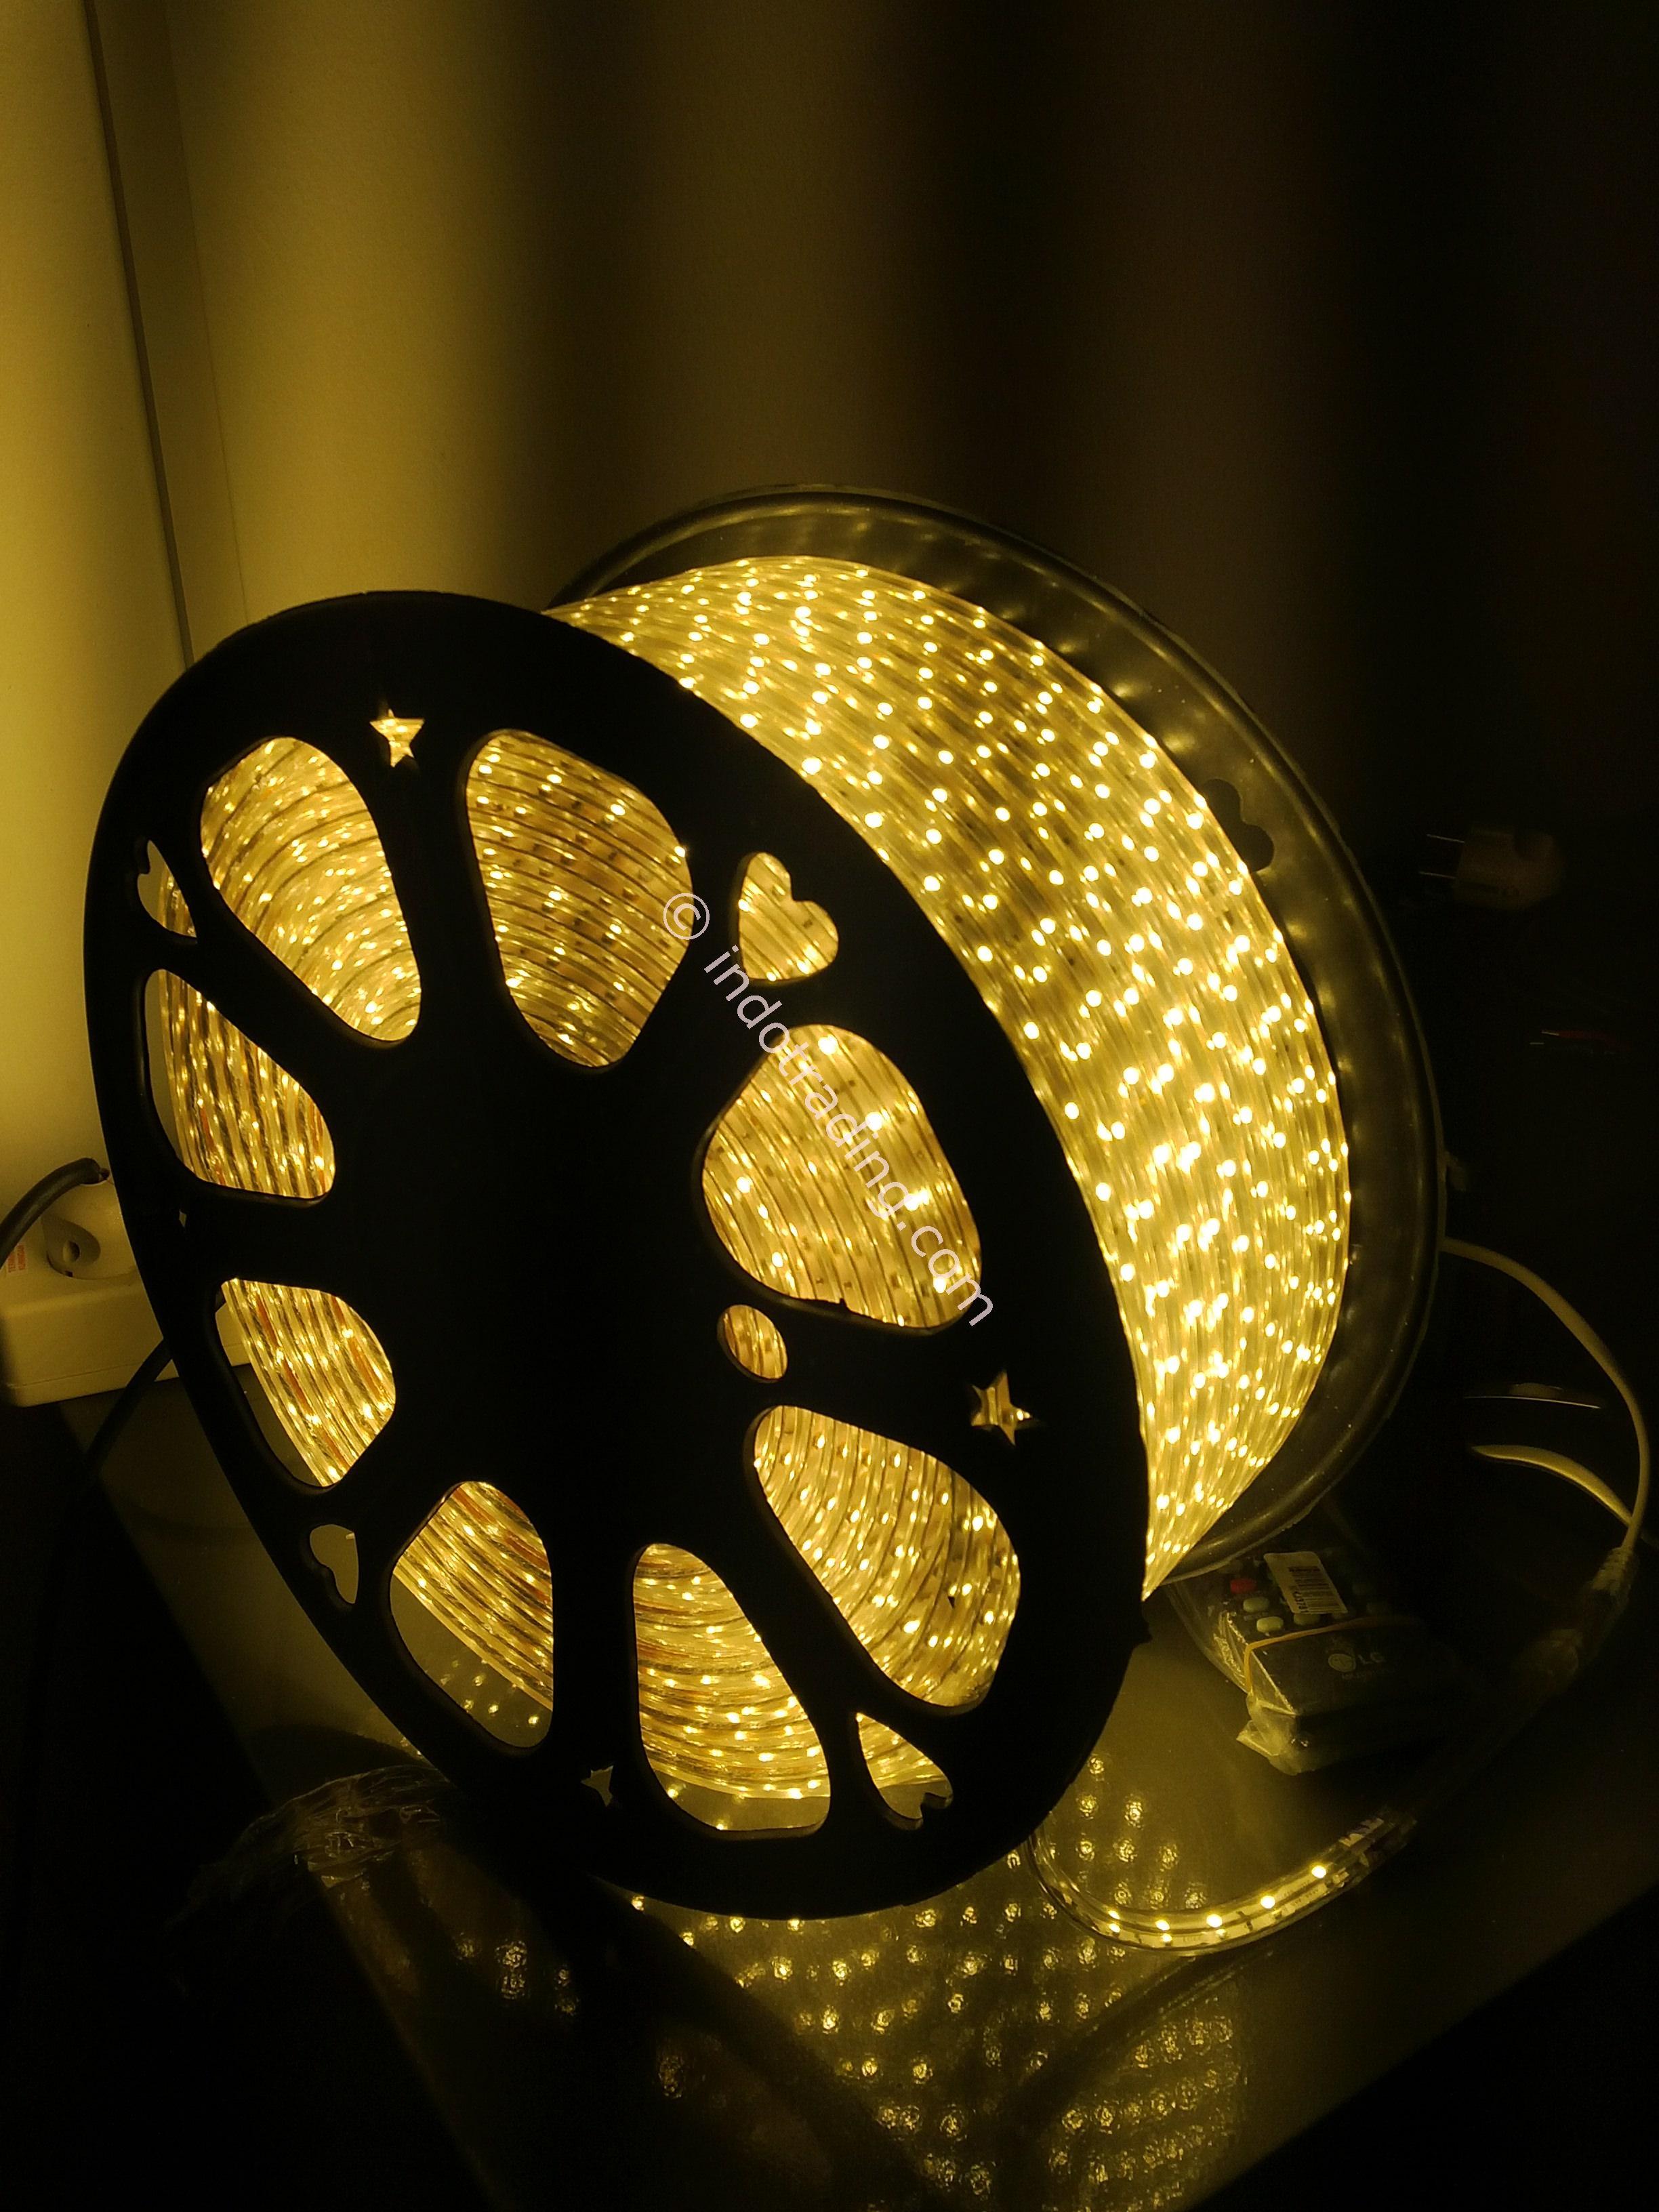 Jual Oscled Led Flexible Strip Light Smd 3528 Rope Light Harga Murah Jakarta oleh PT Oscar ...